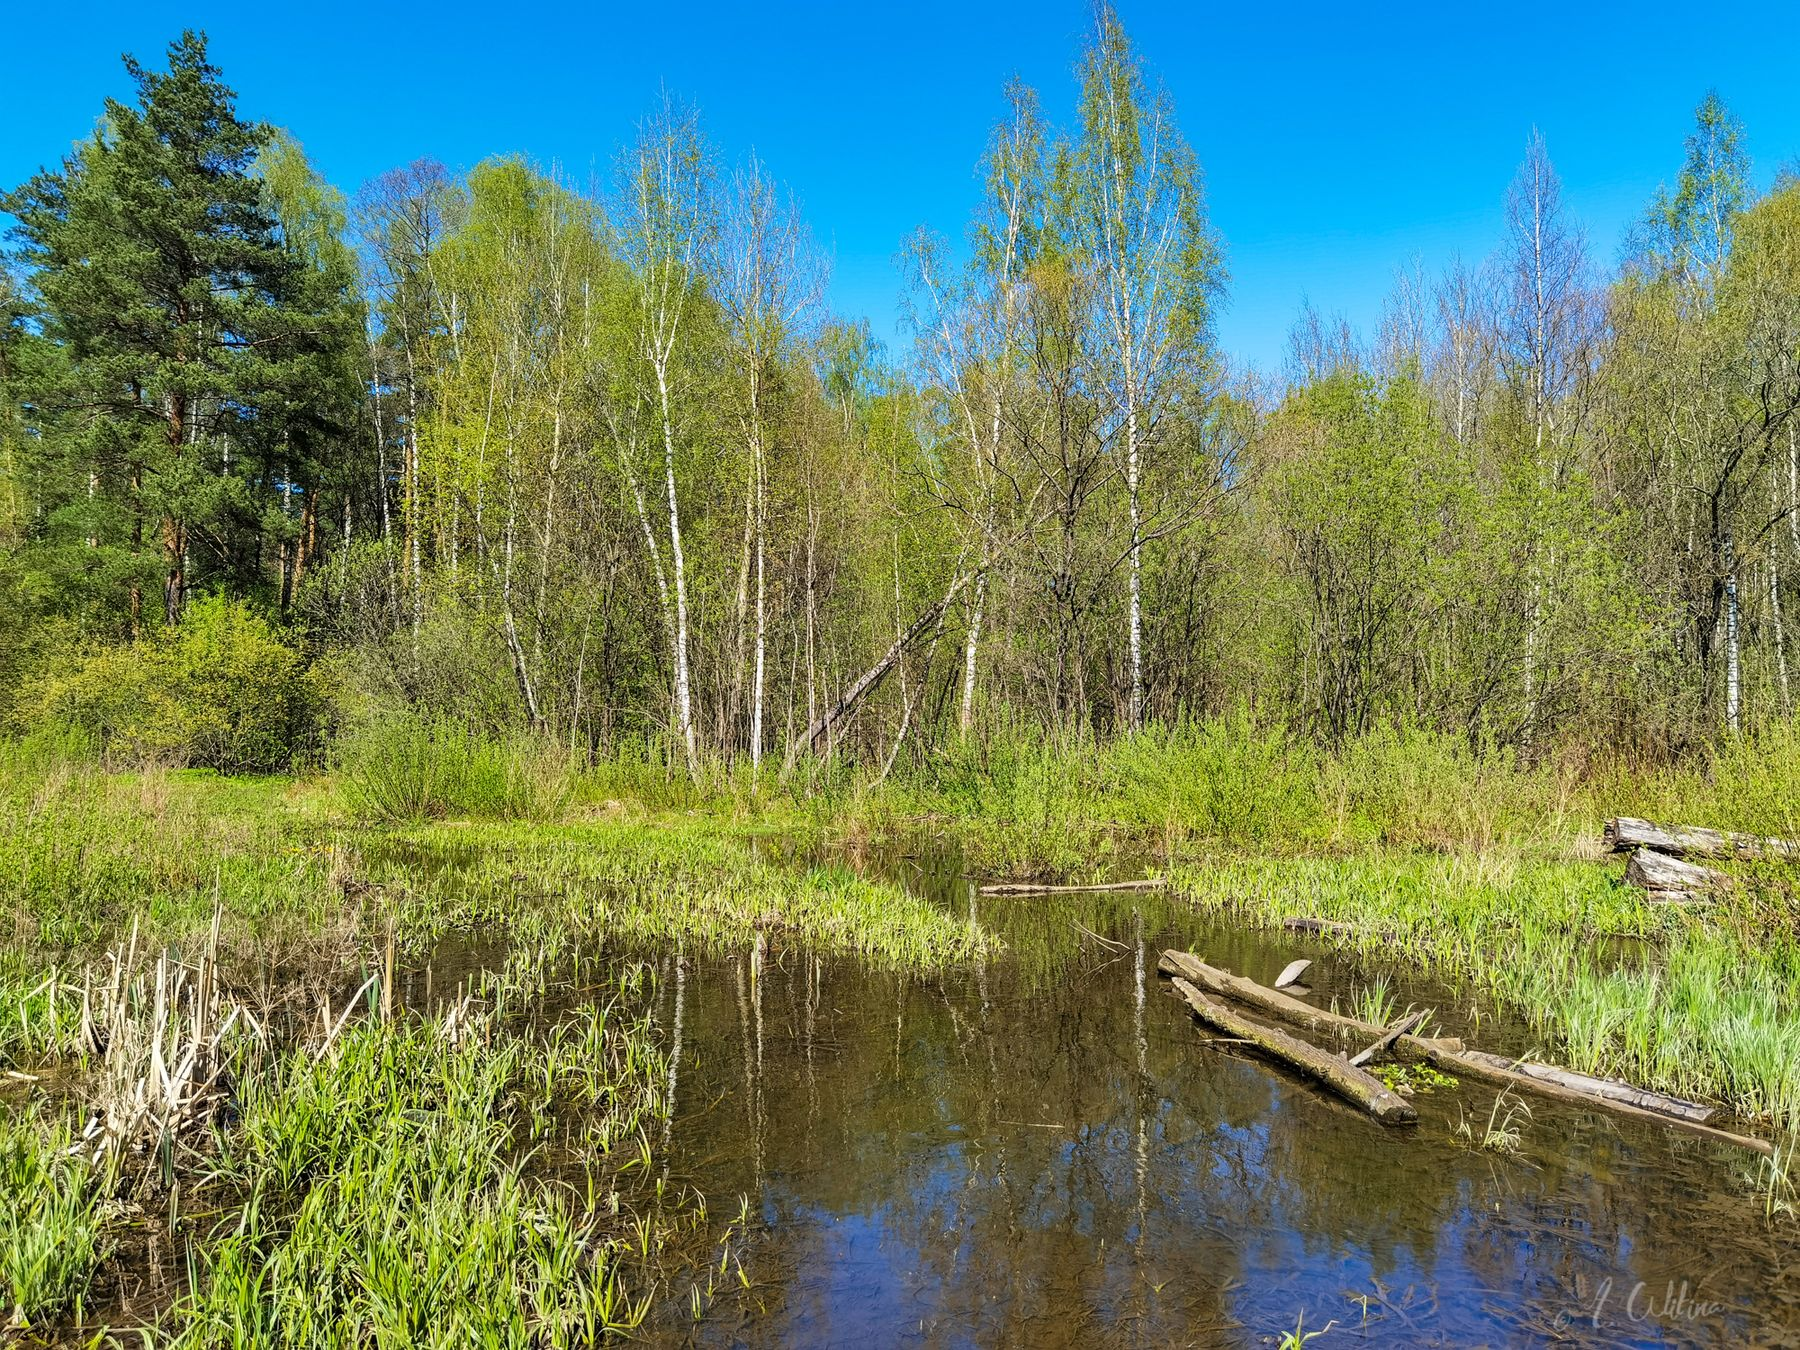 Майские топи лес поле весна май половодье ручей тропинка зелень деревья